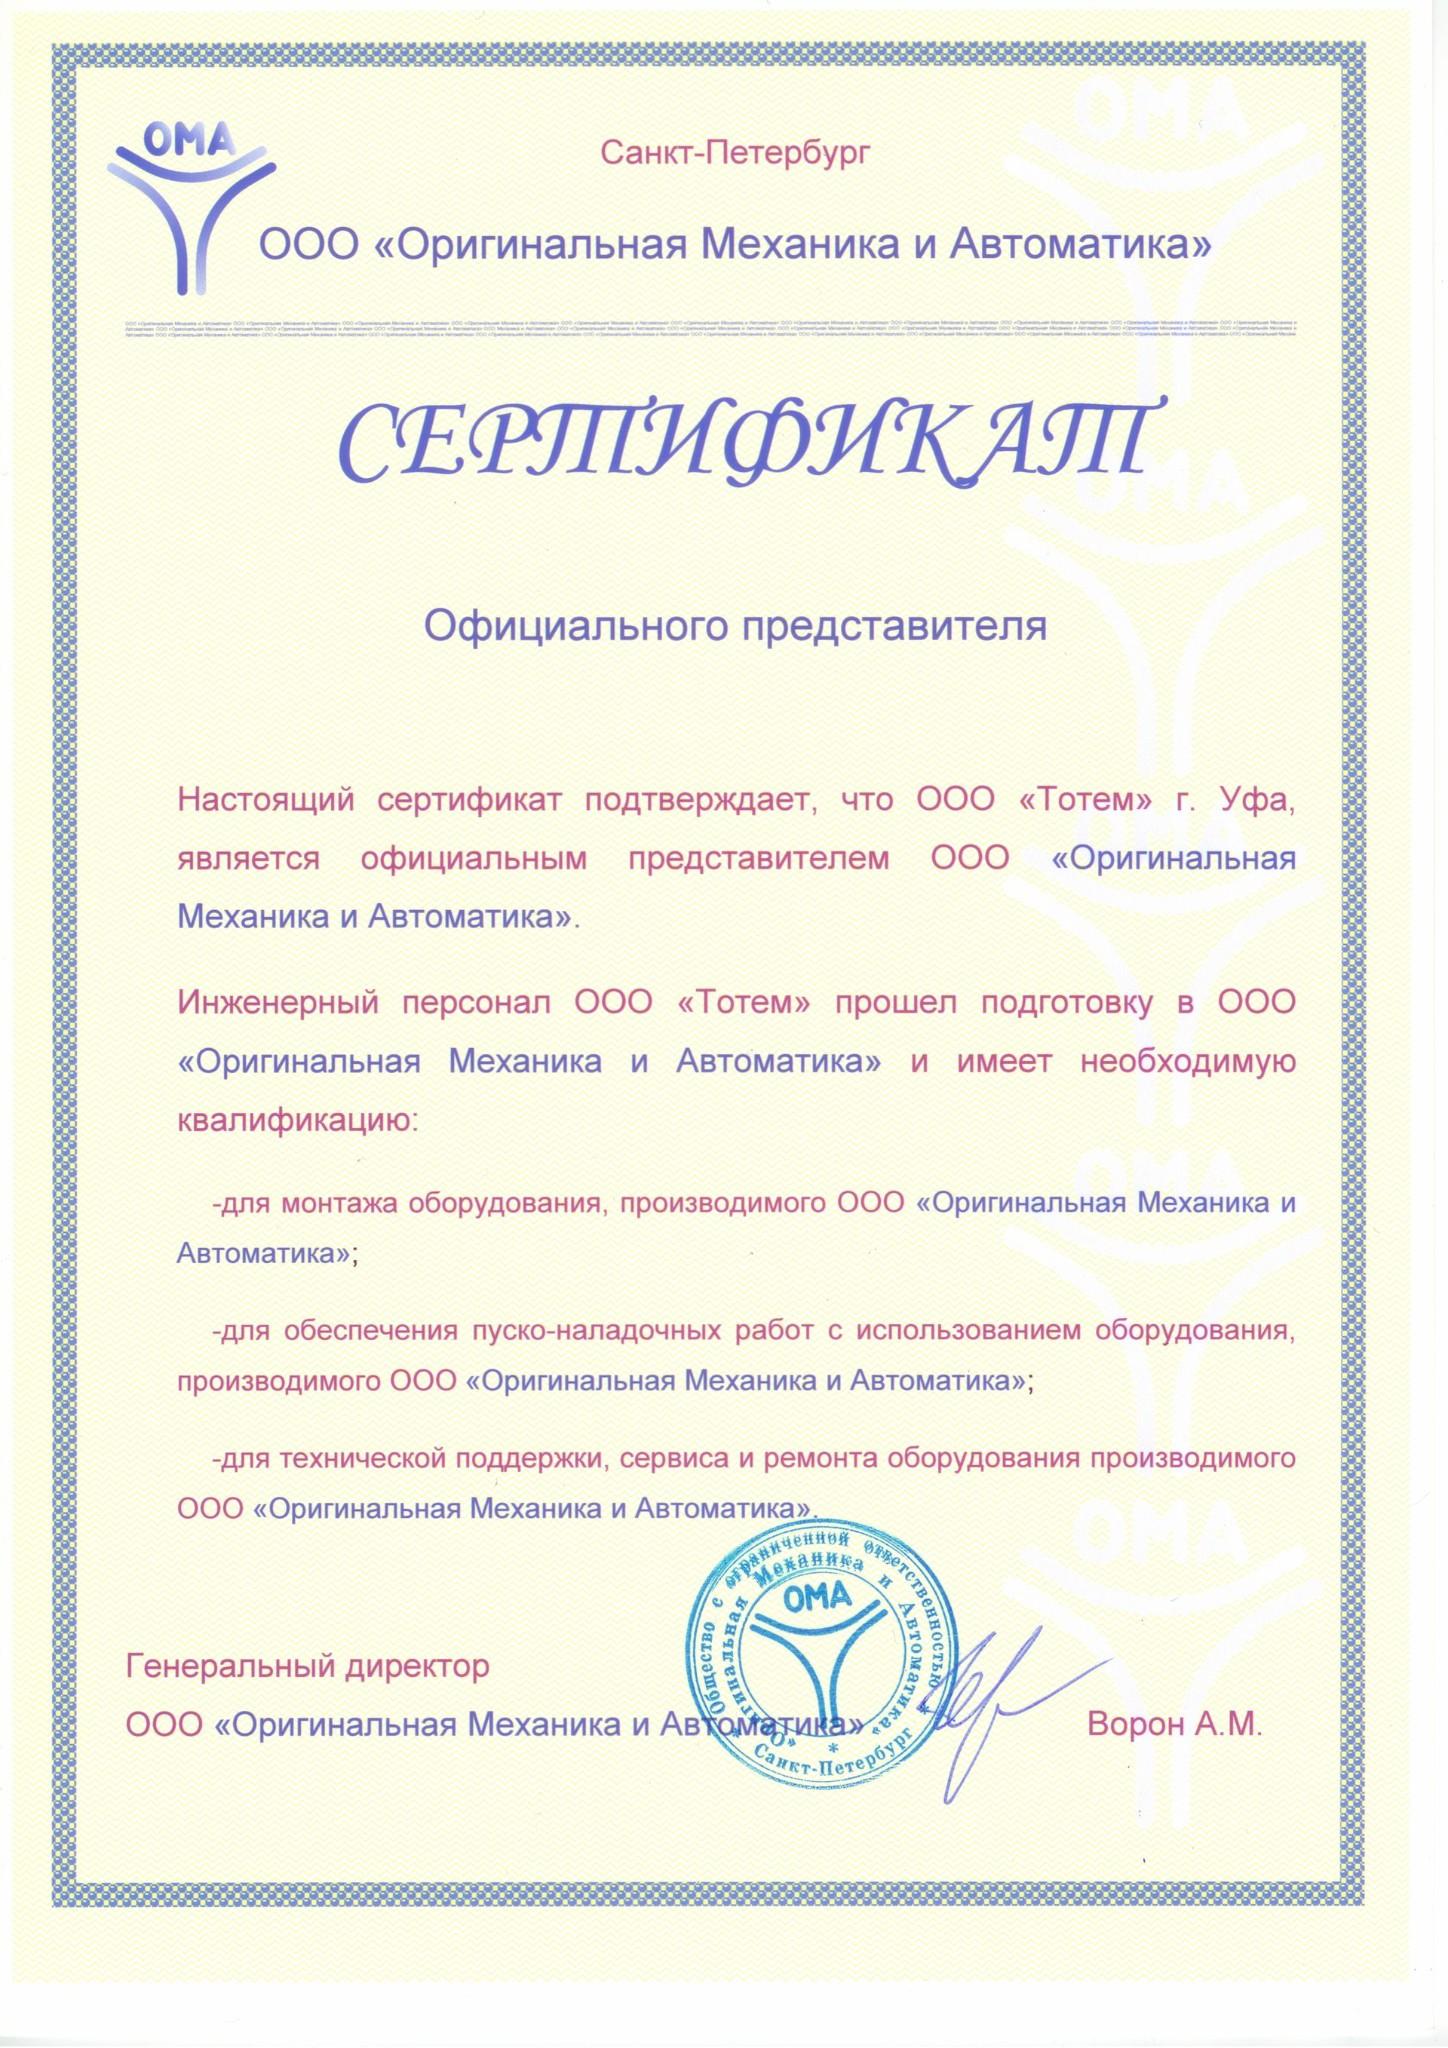 0_Сертификат_Ома.jpg